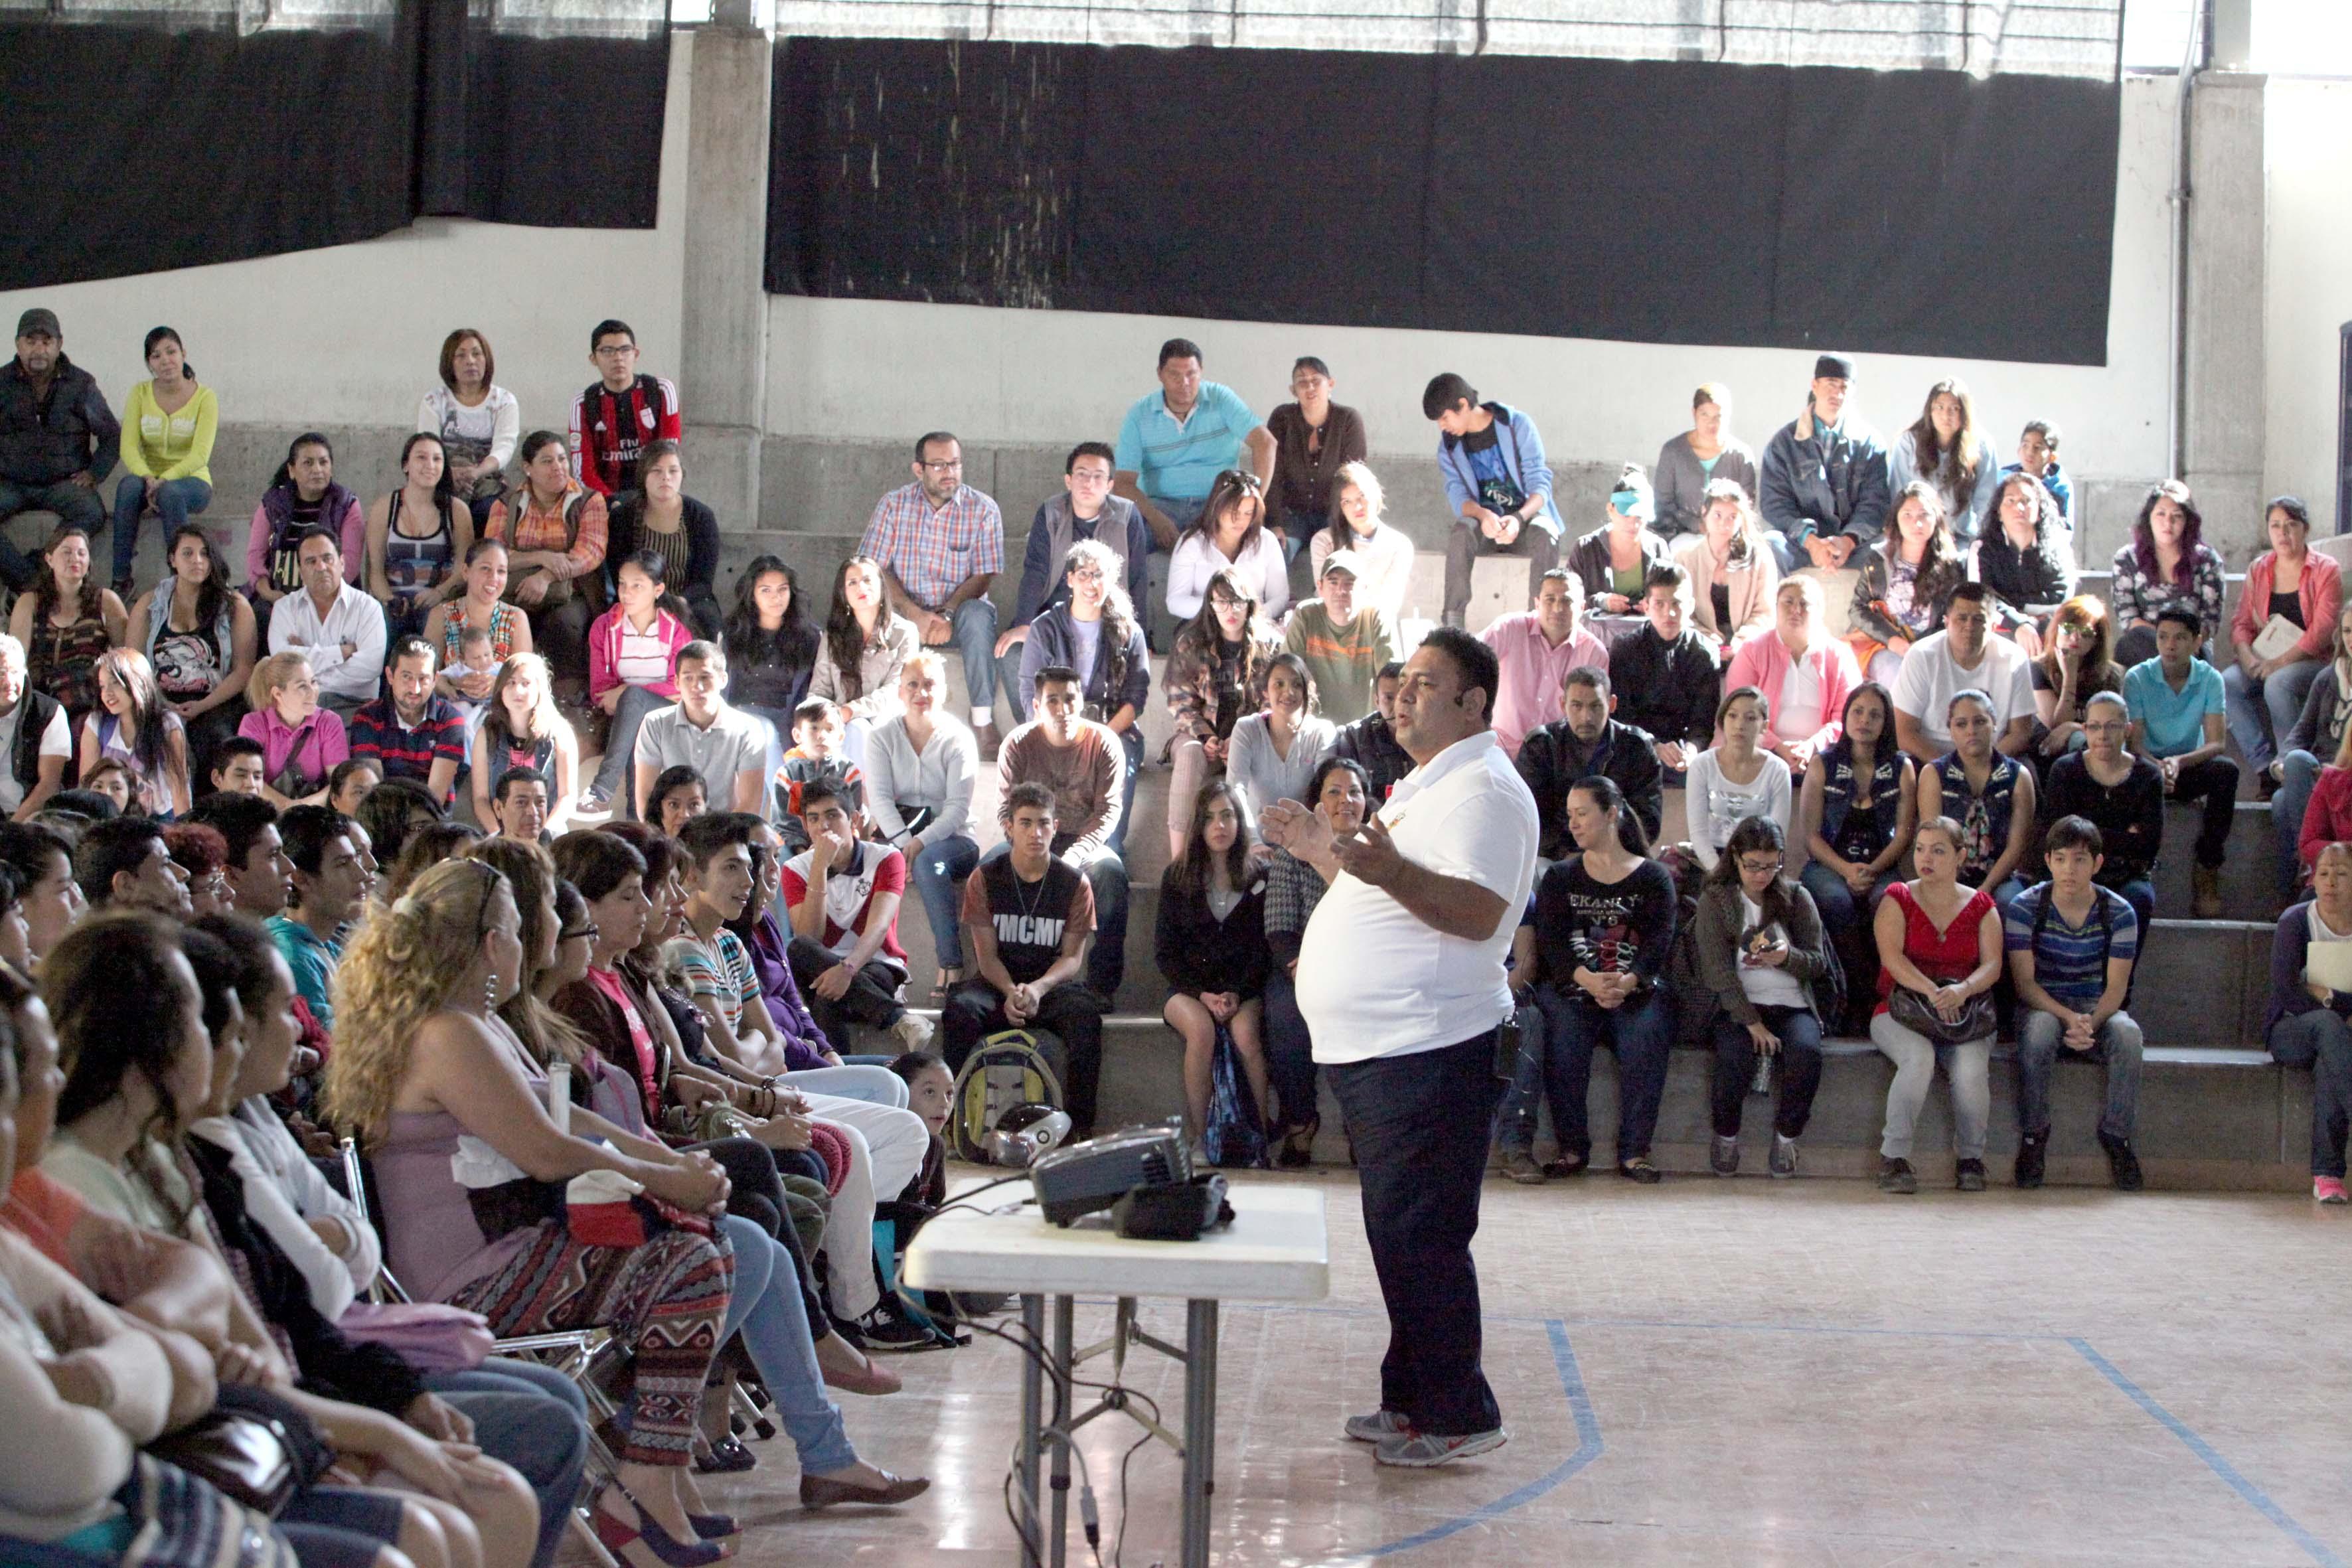 Grupo de gente reunida en un auditorio escuchando charla para prevenir violencia intrafamiliar